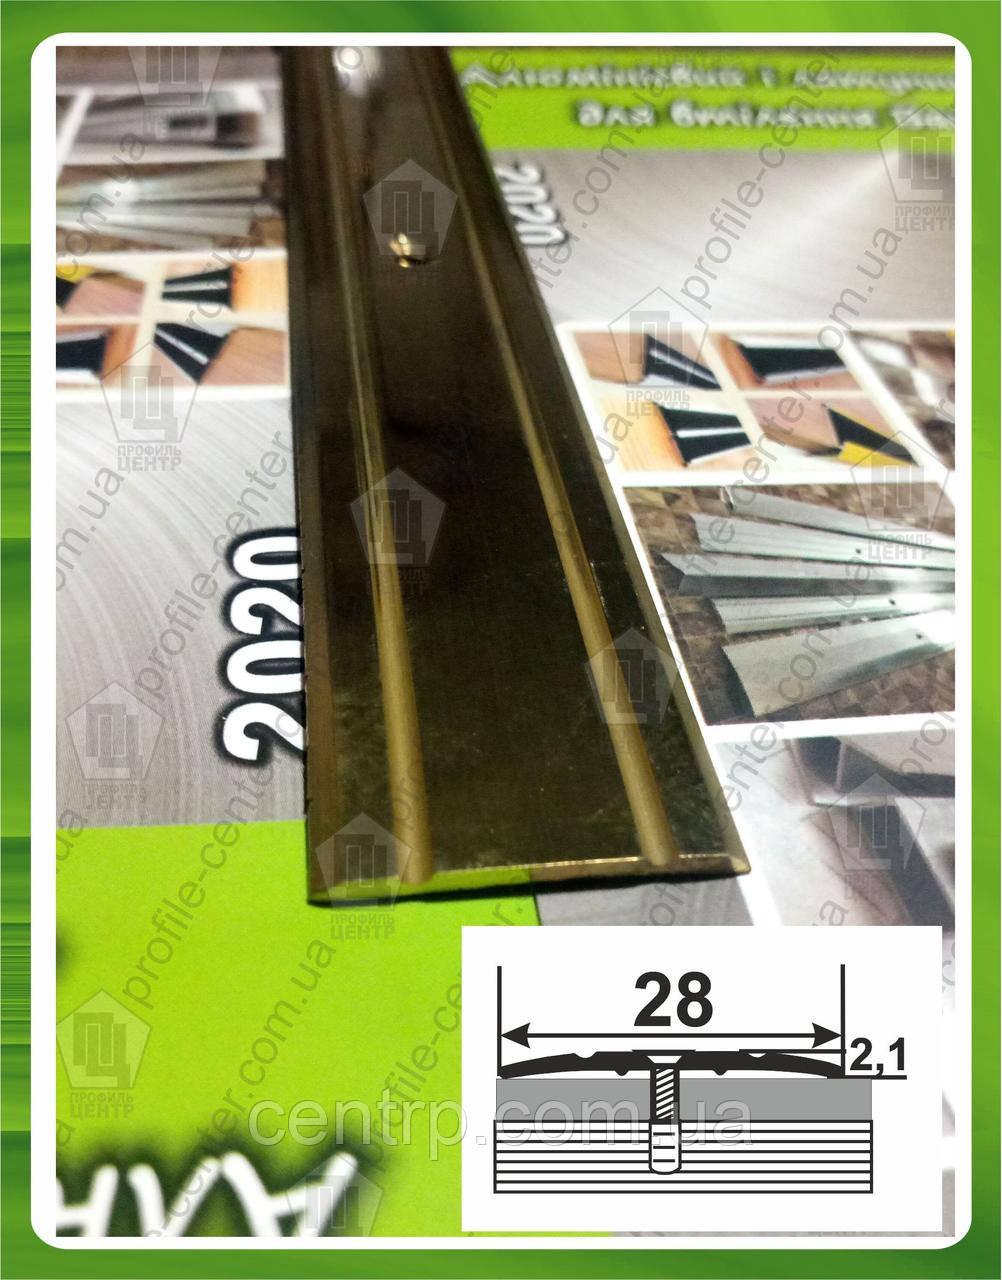 Л 004. Латунный порог (профиль) стыковочный, рифленый. Ширина 28 мм.